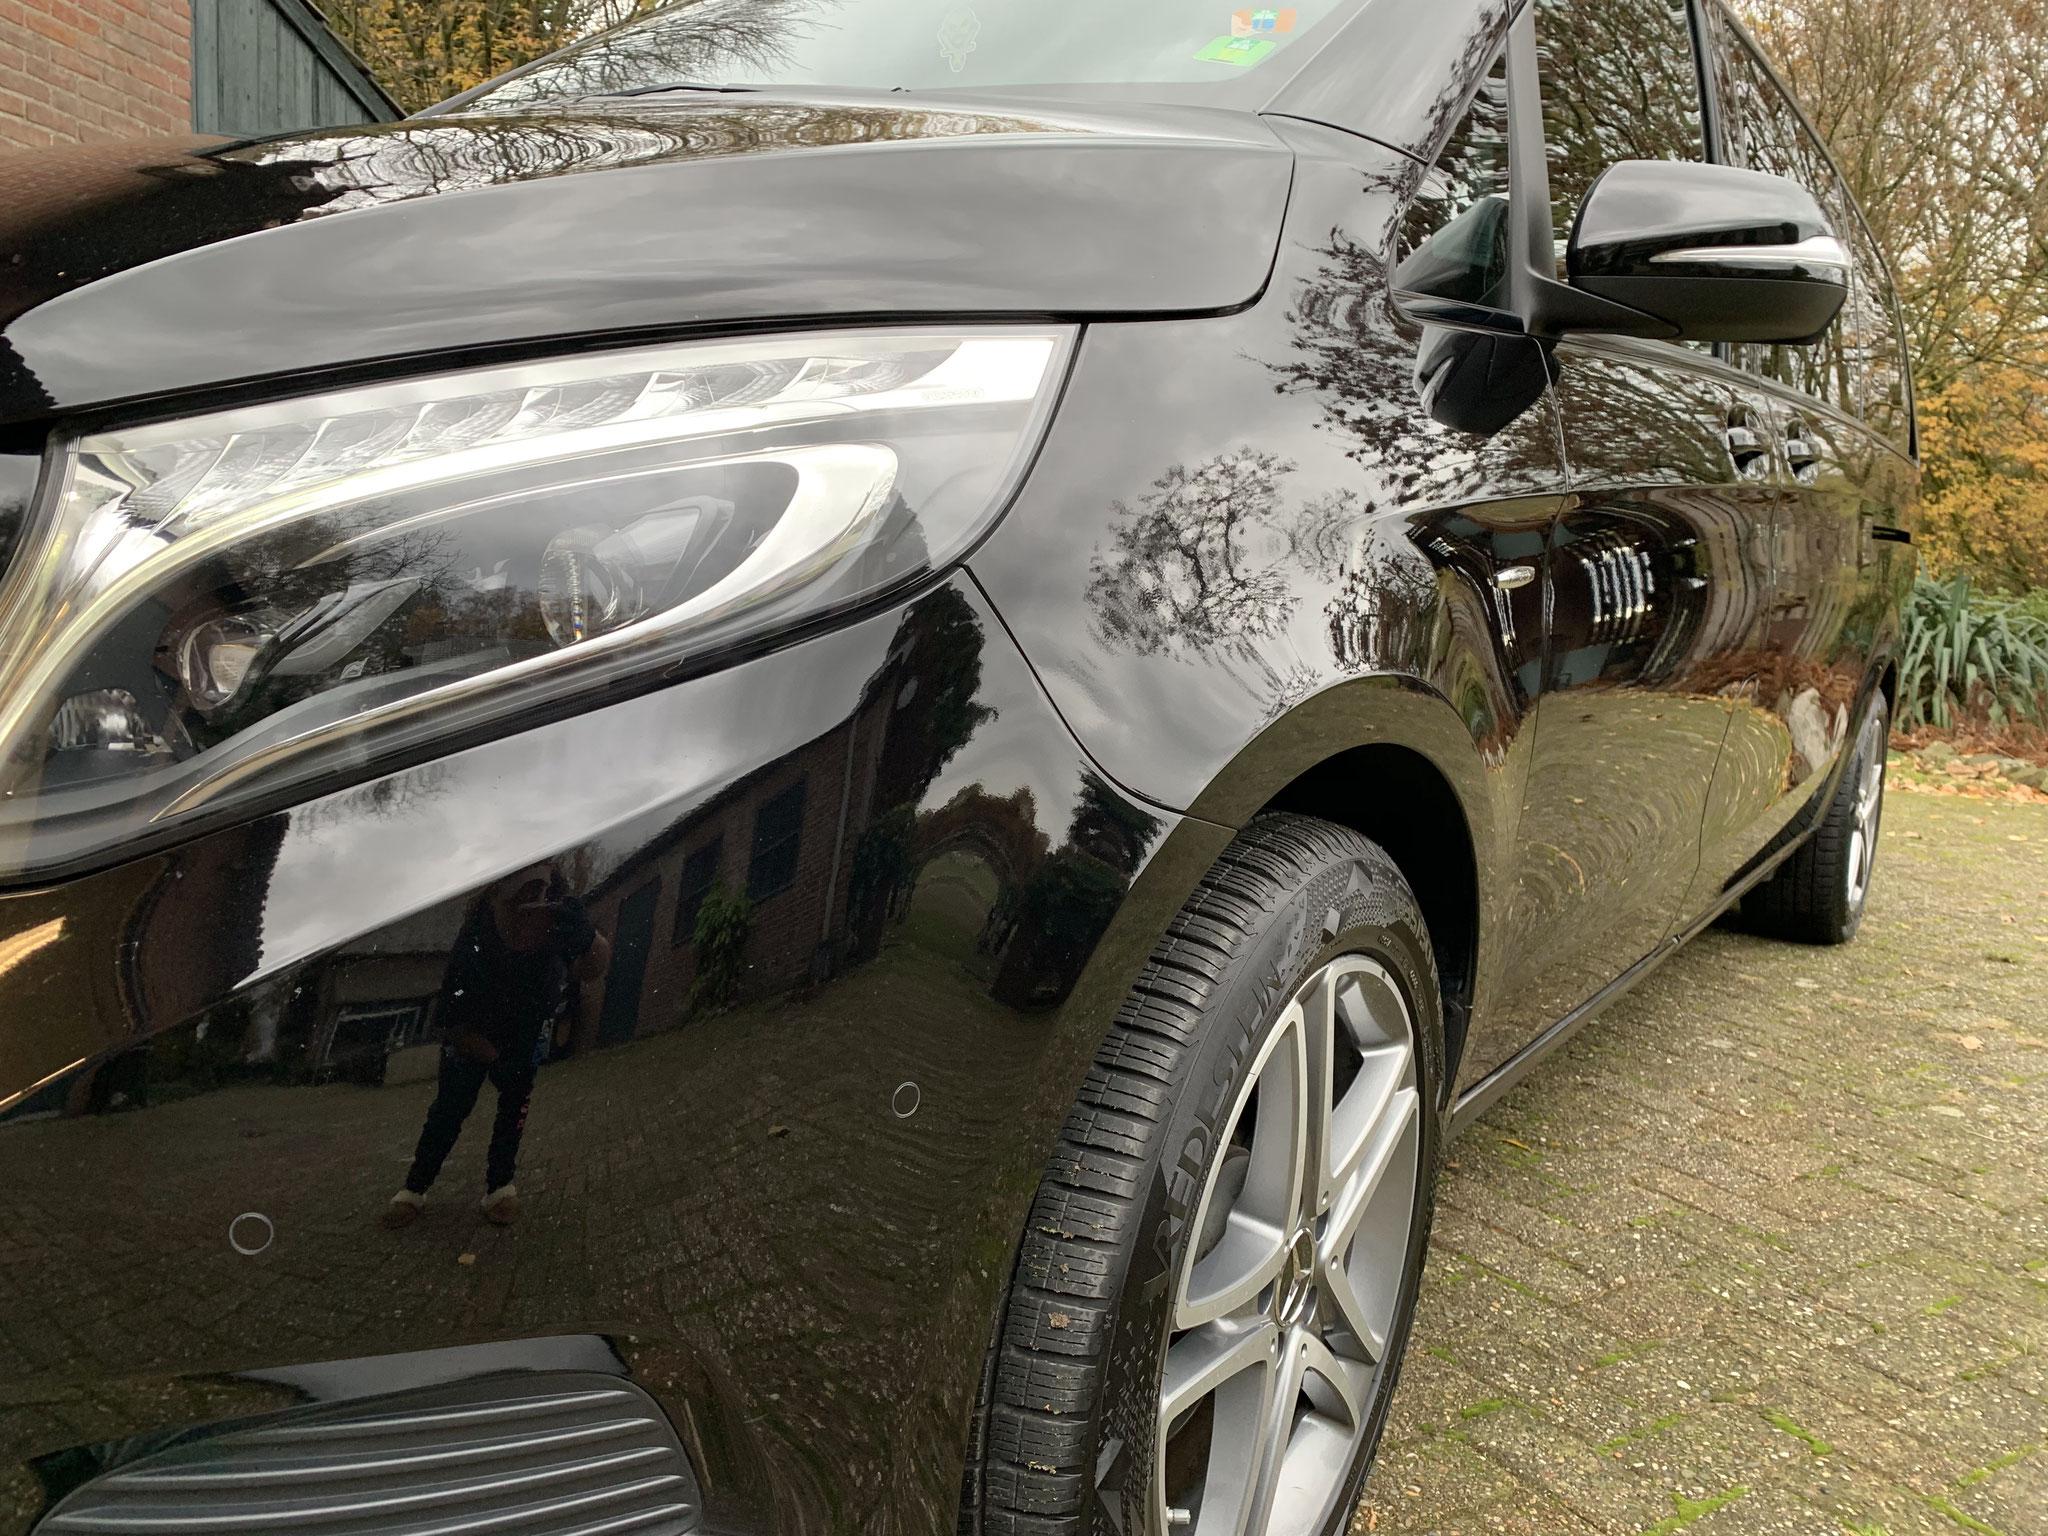 Mercedes V-Class 250D full detailing + winter wax